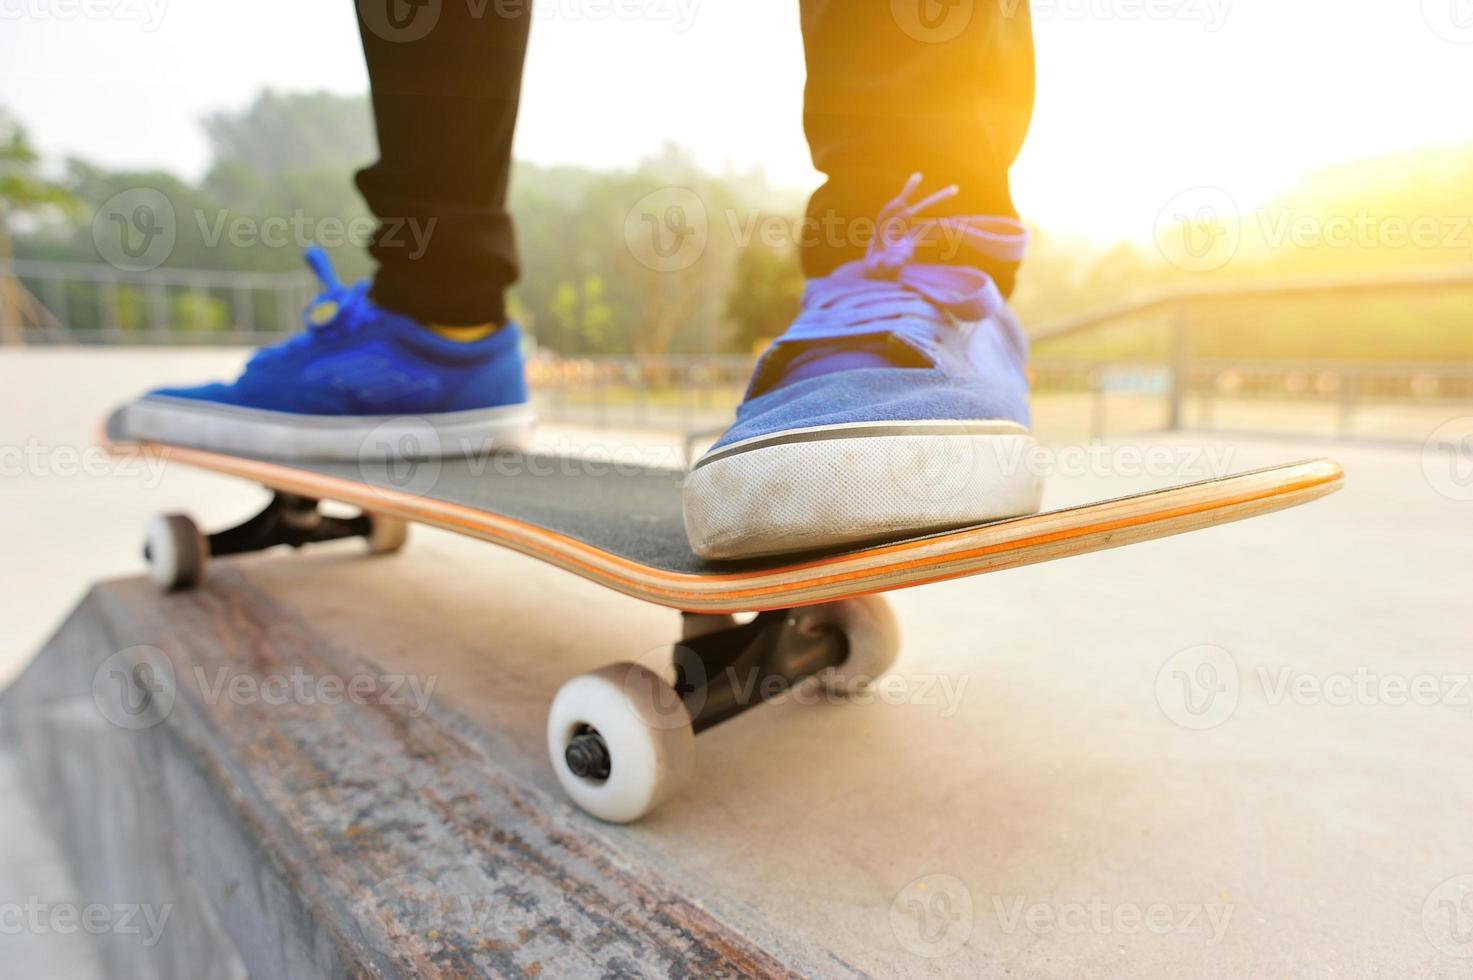 Beine in Turnschuhen auf einem Skateboard foto